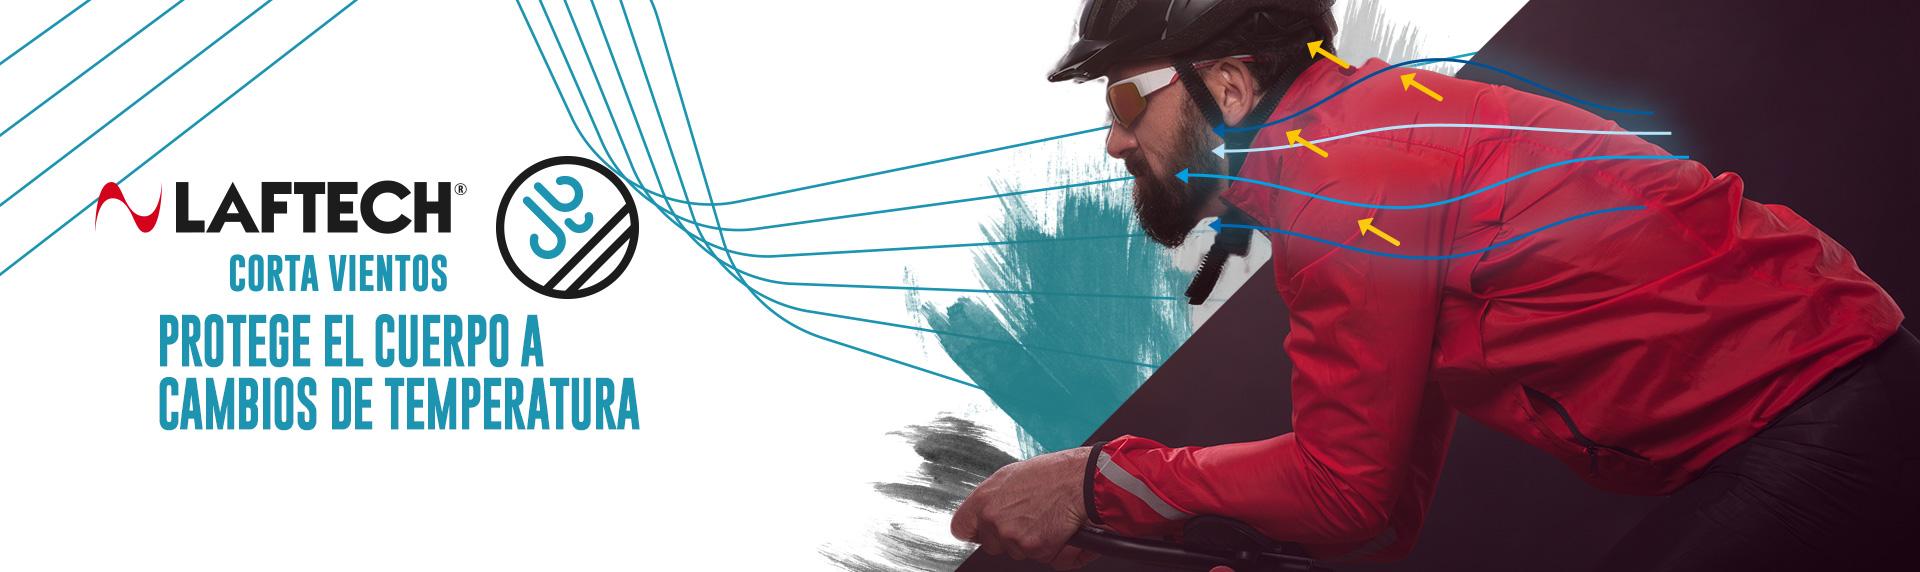 Tecnología-Corta-Vientos